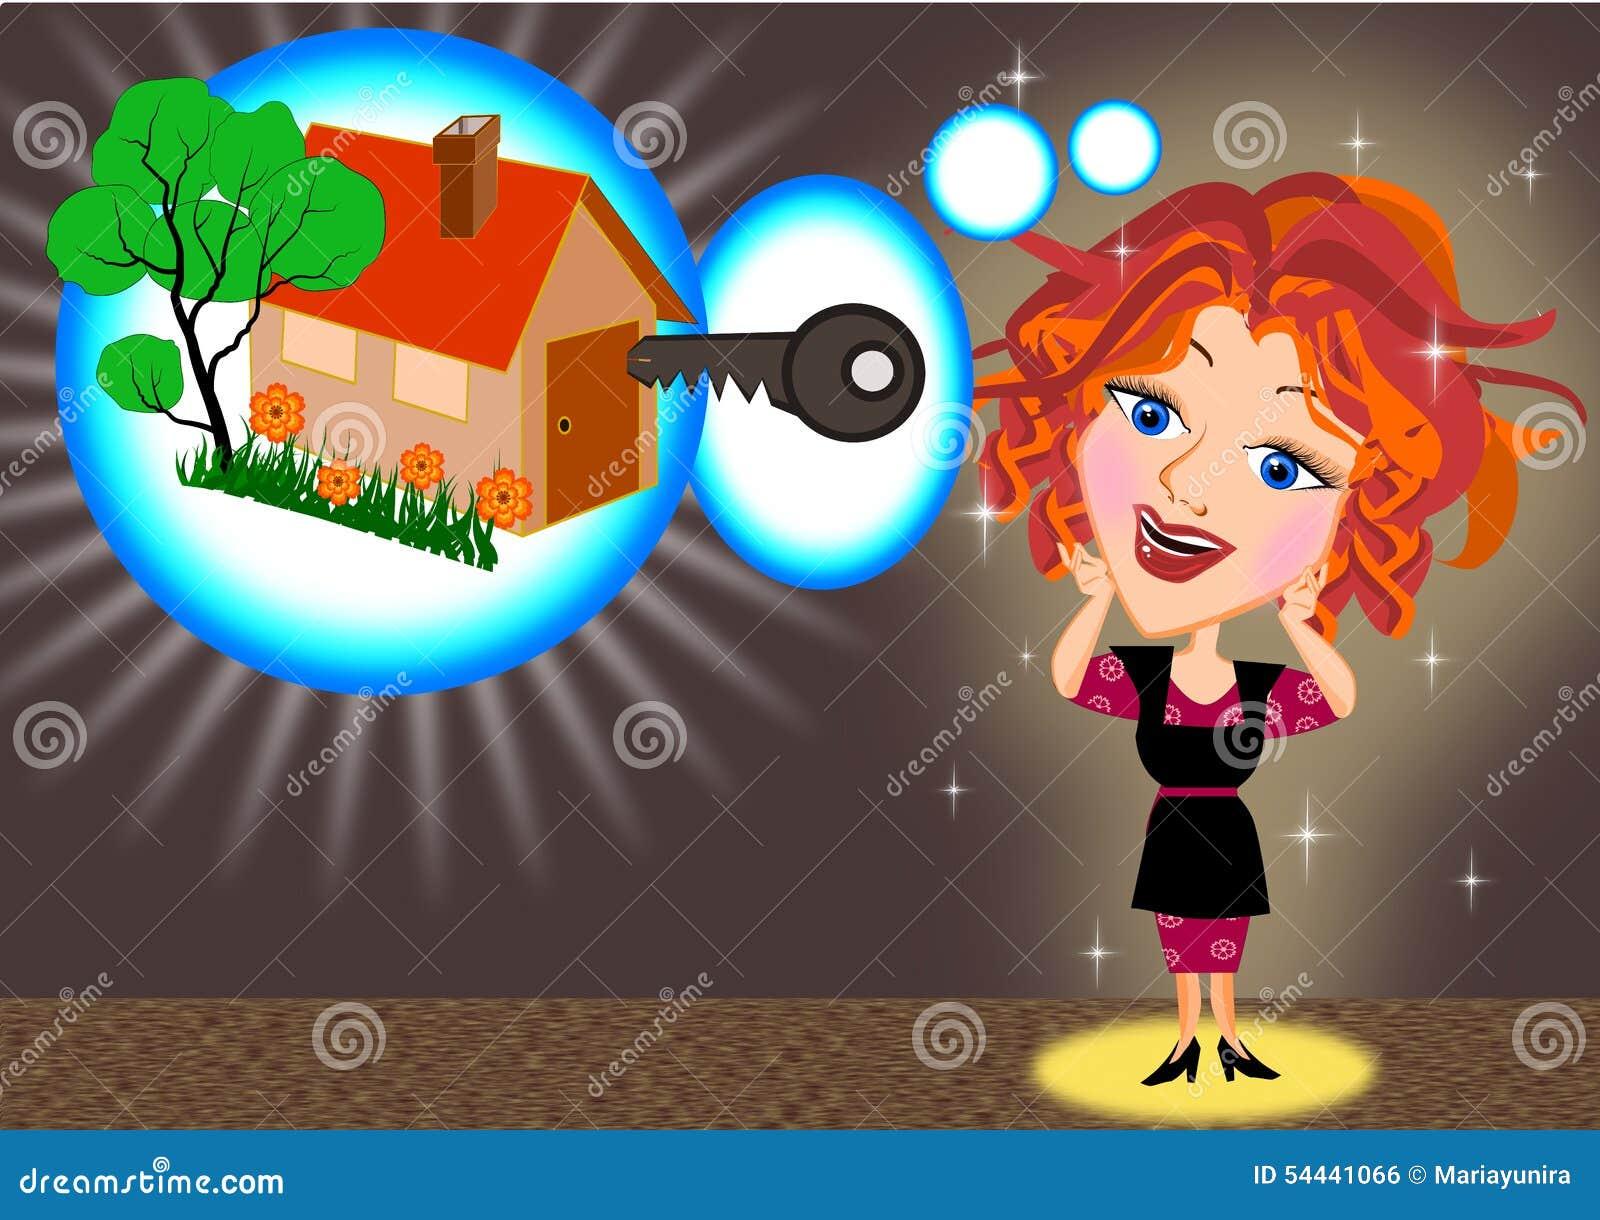 Marzyć nowy dom